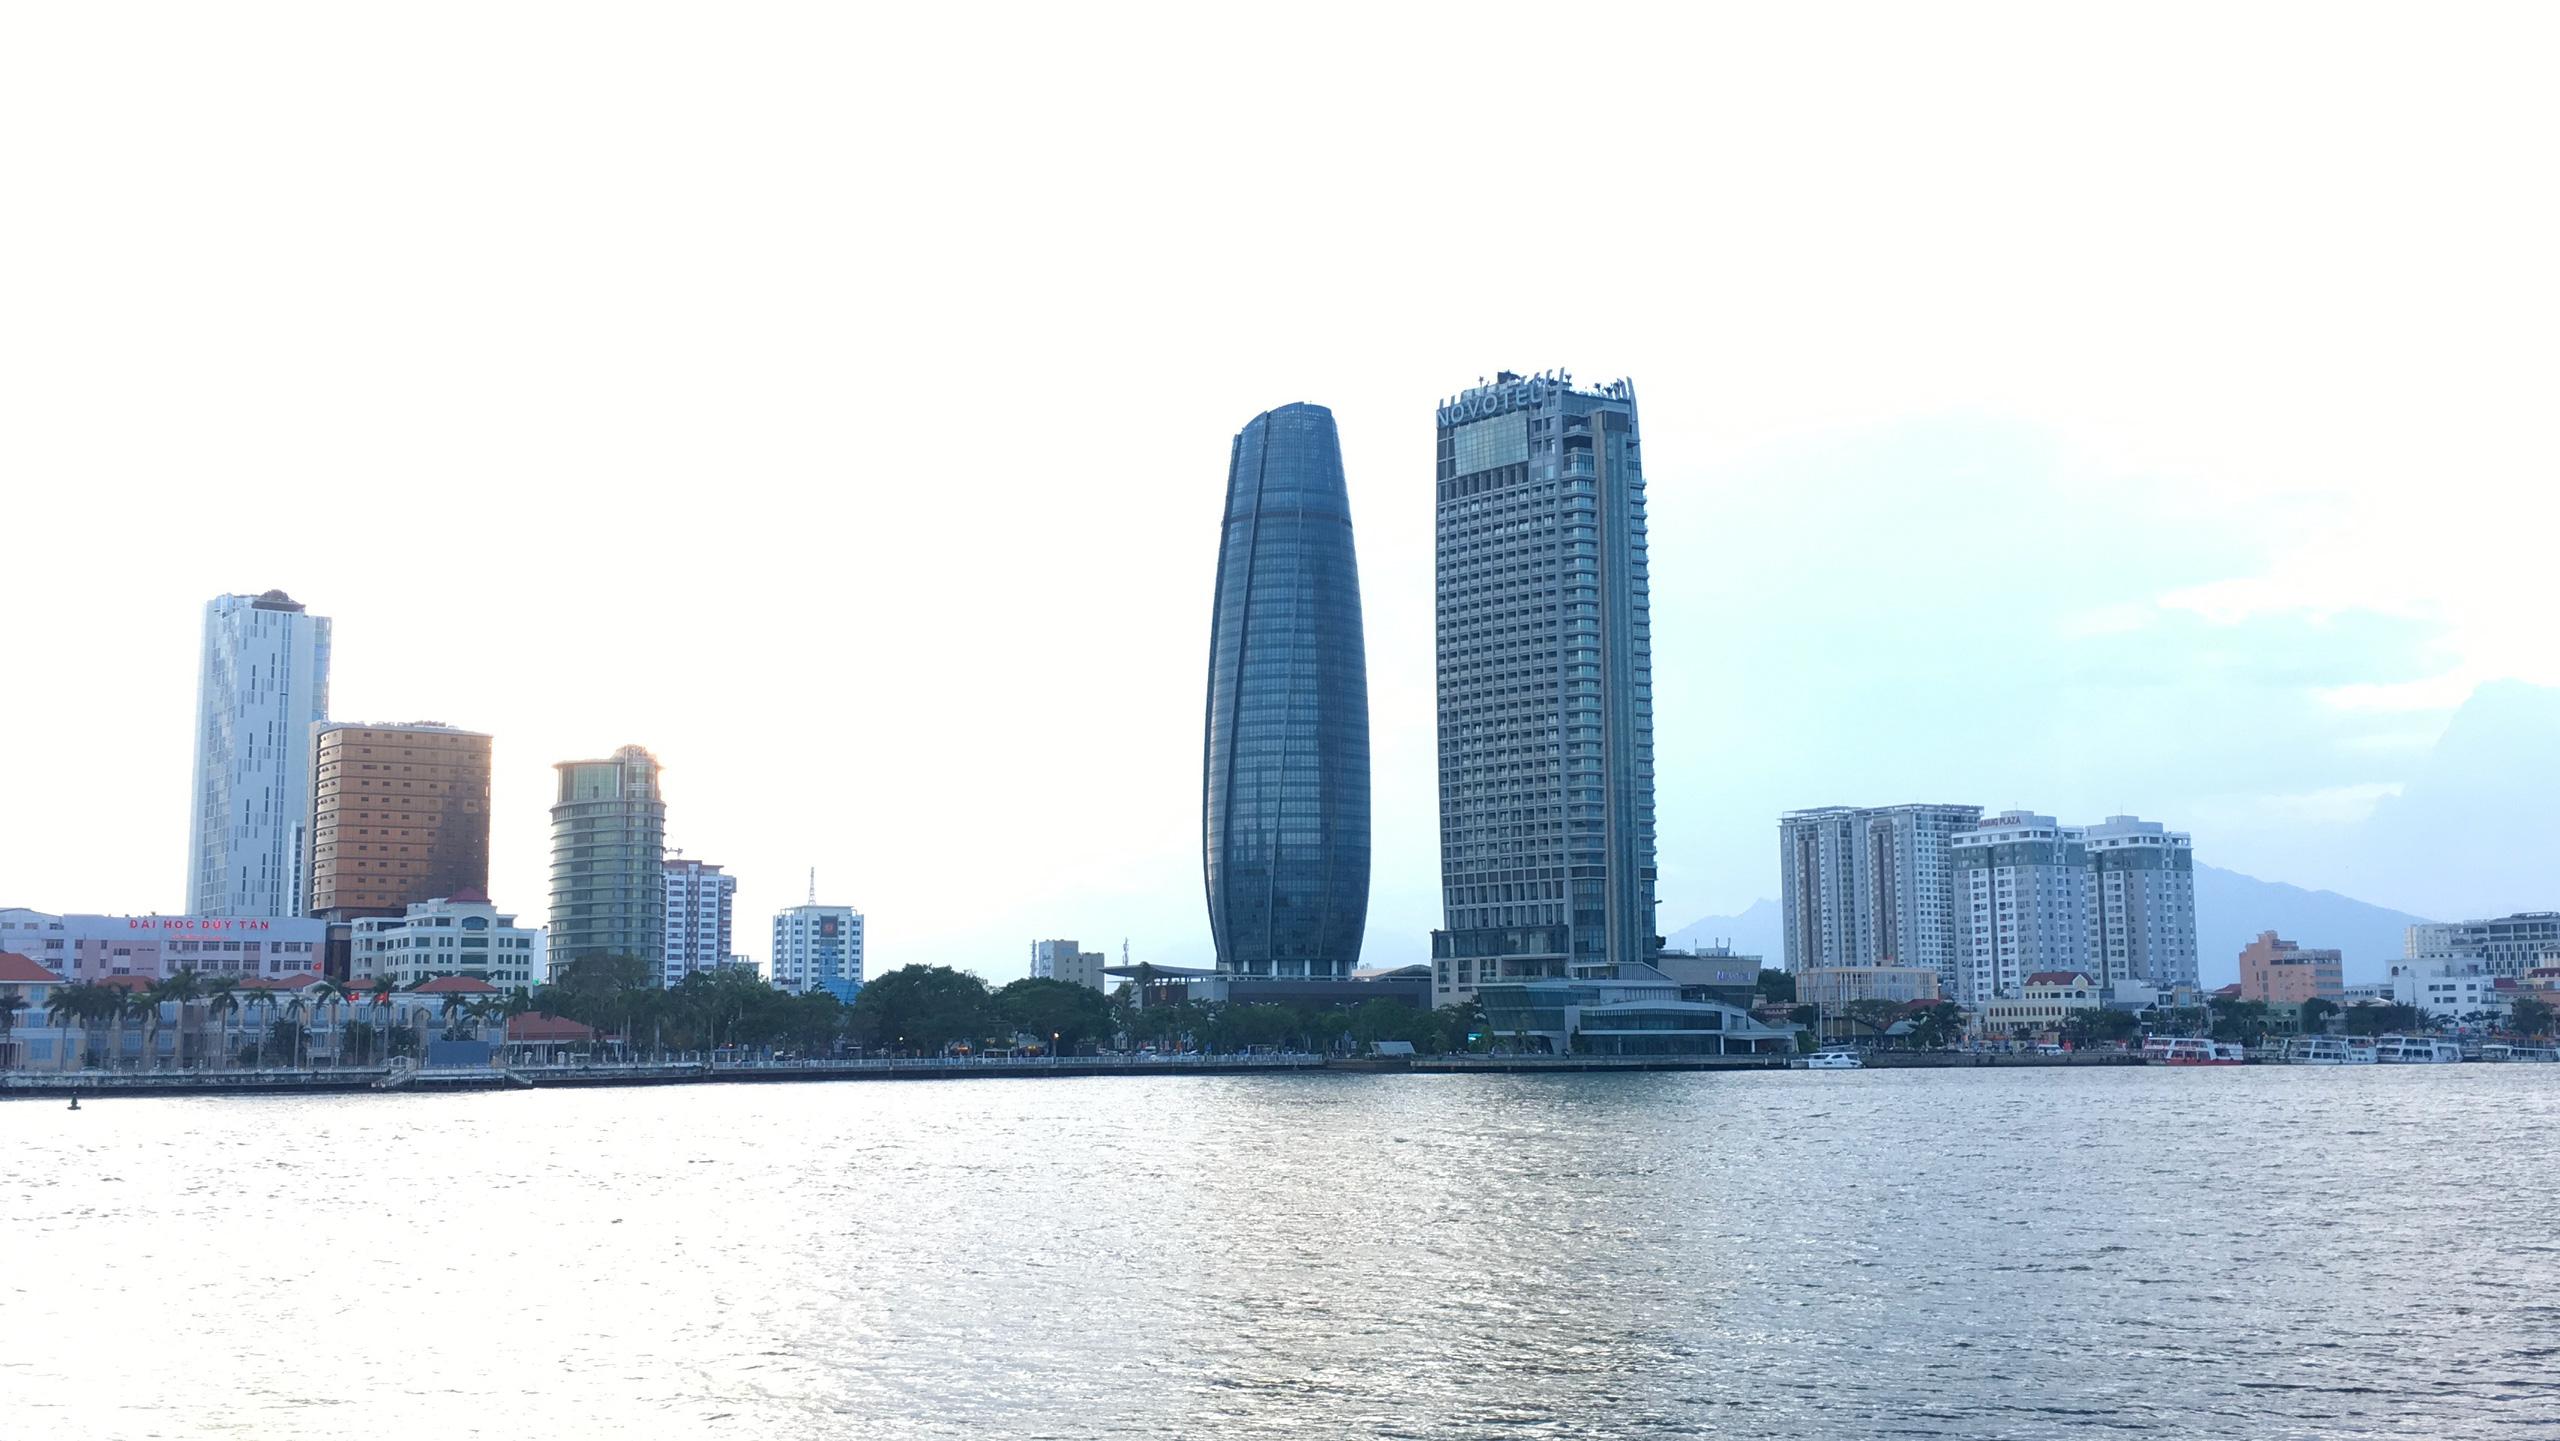 Hạ tầng ven sông Hàn Đà Nẵng hiện tại và trong tương lai - Ảnh 5.